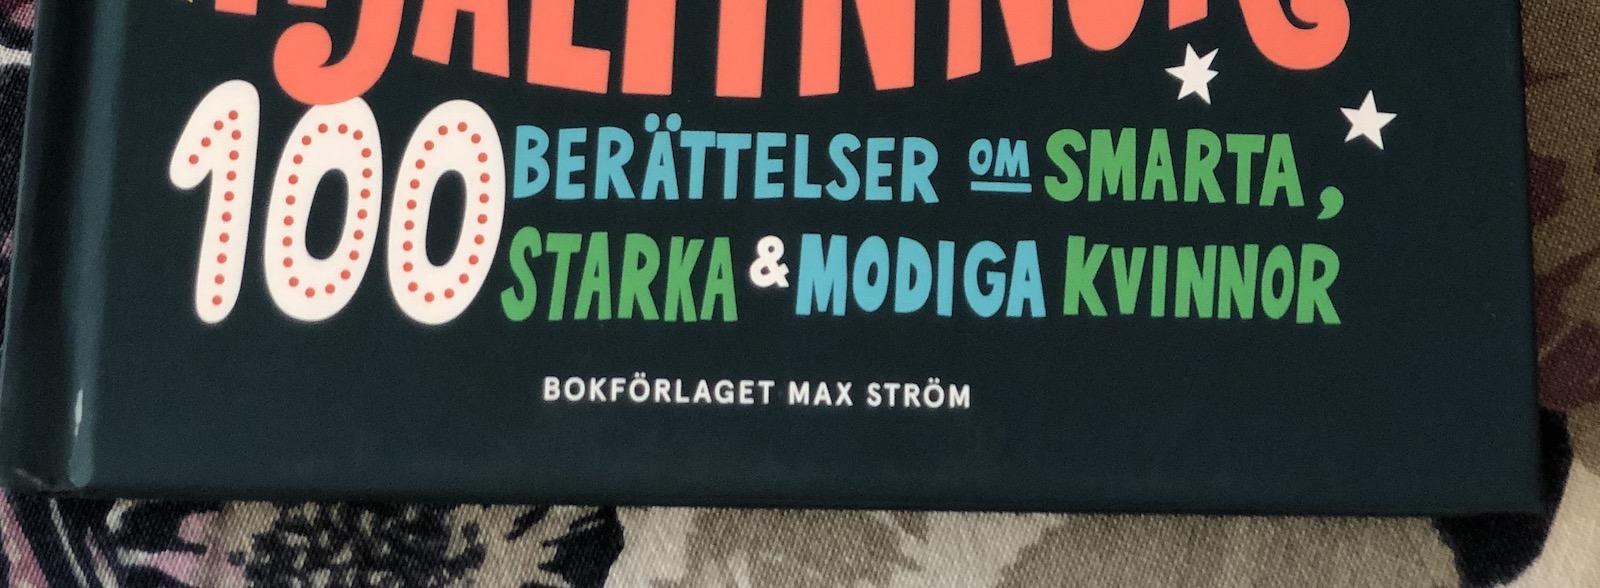 Svenska hjältinnor.